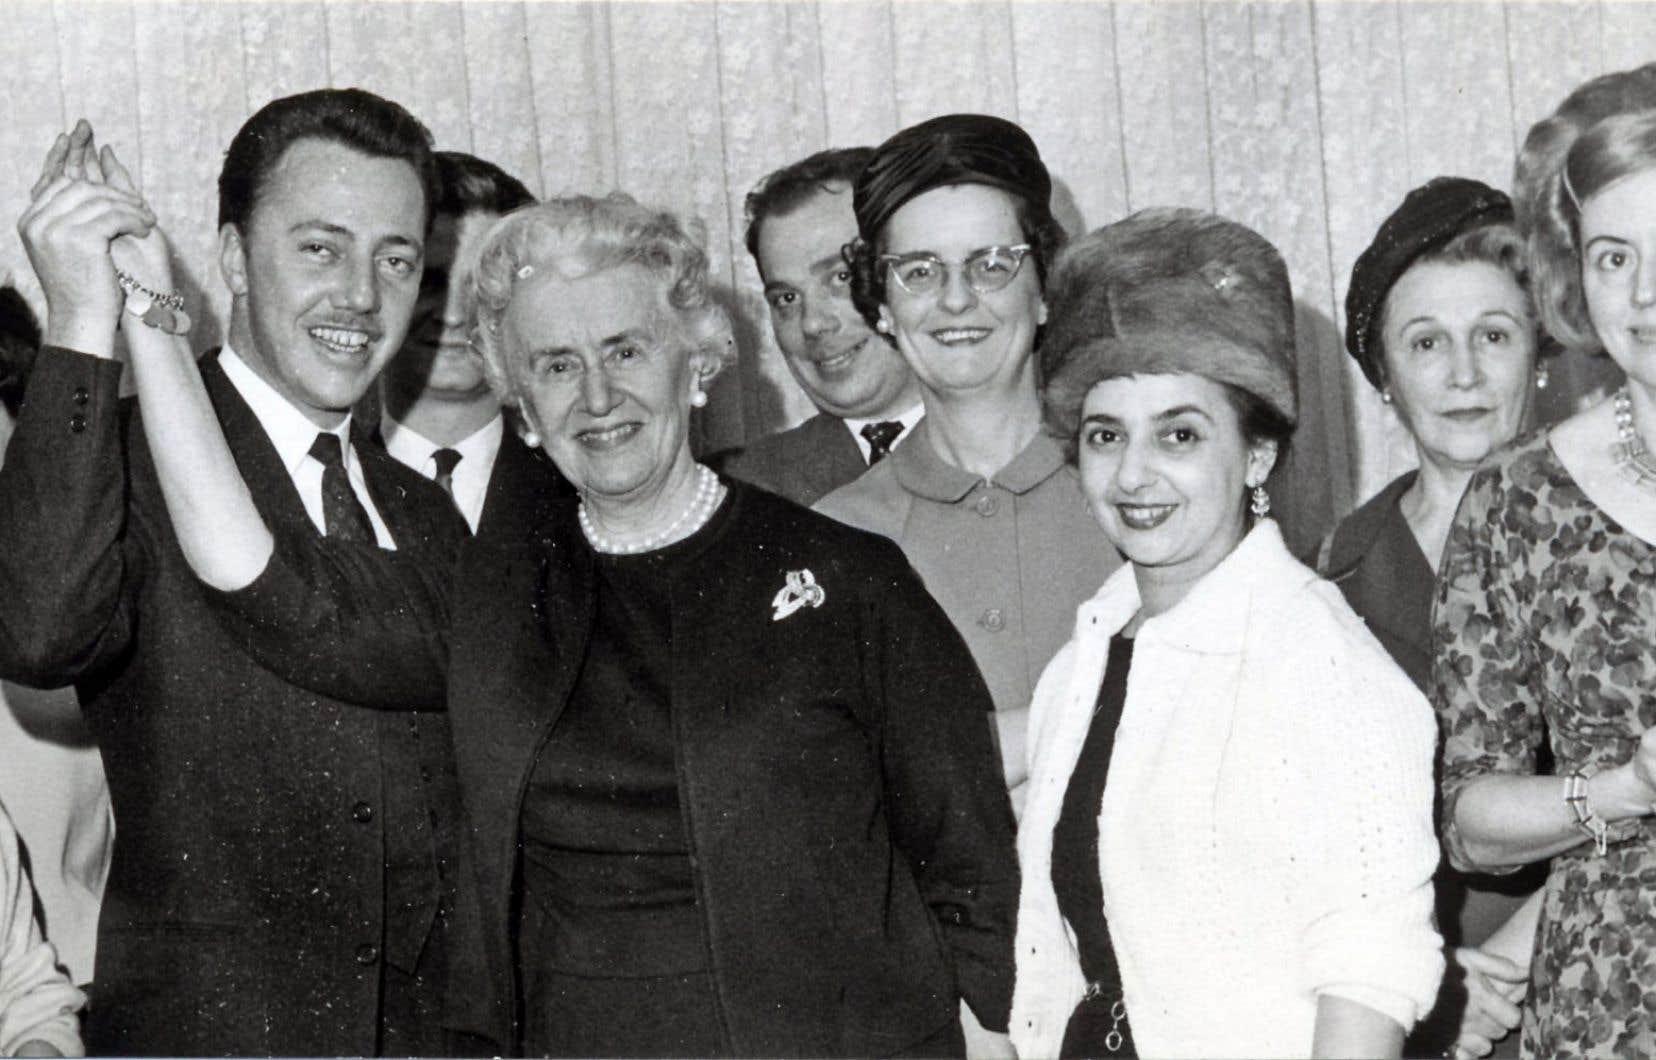 La fondatrice de la Fédération des femmes du Québec, Thérèse Casgrain (au centre de la photo)